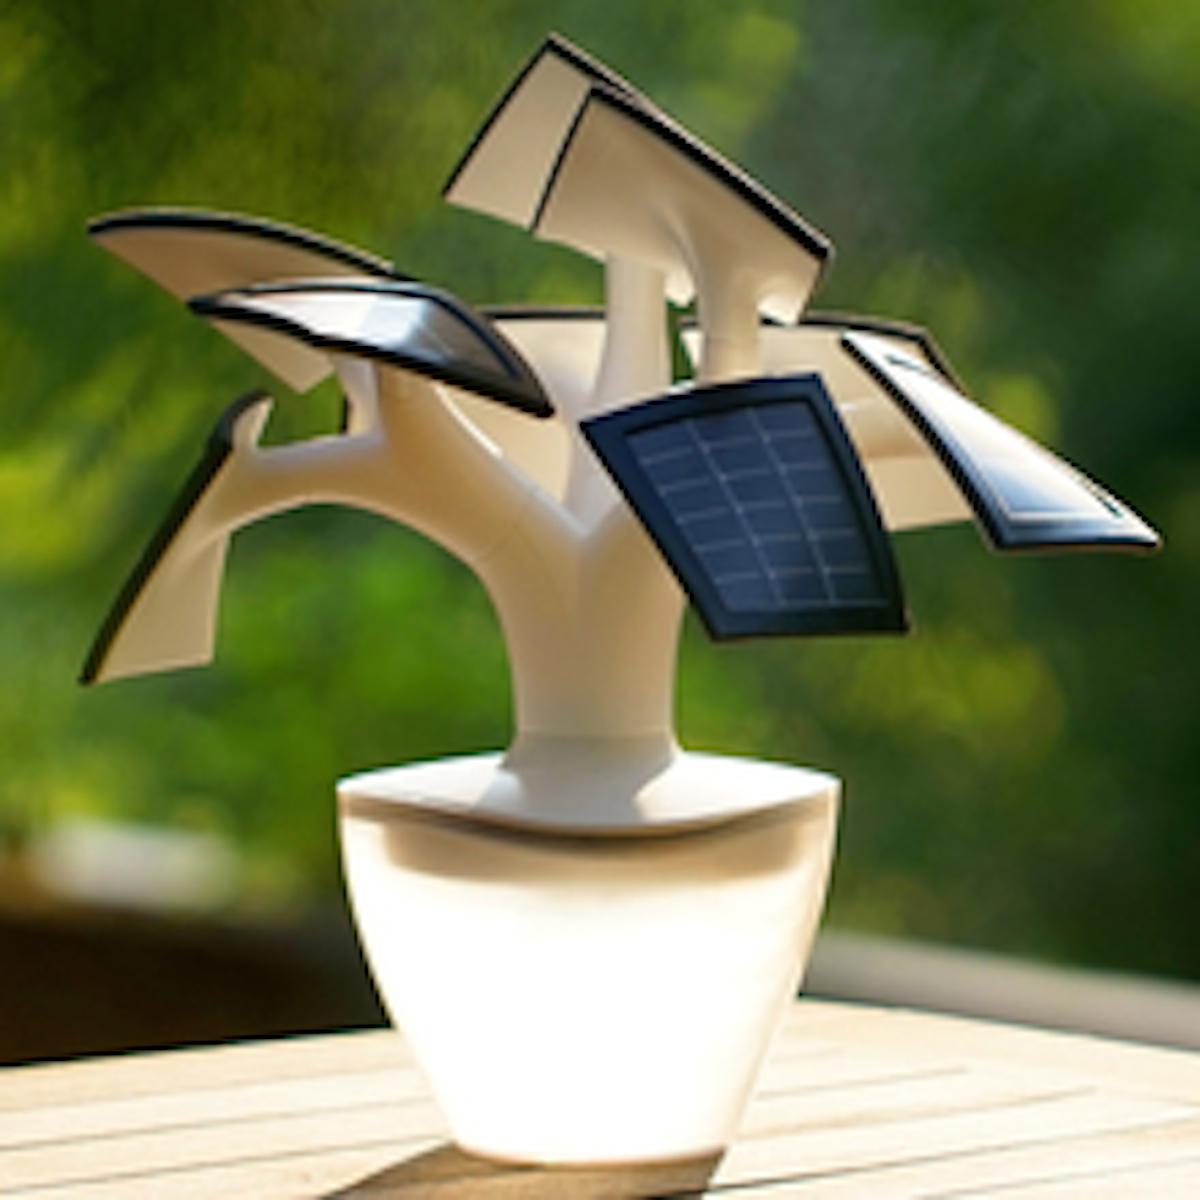 electree mini solarb umchen im blumentopf ist lampe und ladestation foerderland. Black Bedroom Furniture Sets. Home Design Ideas